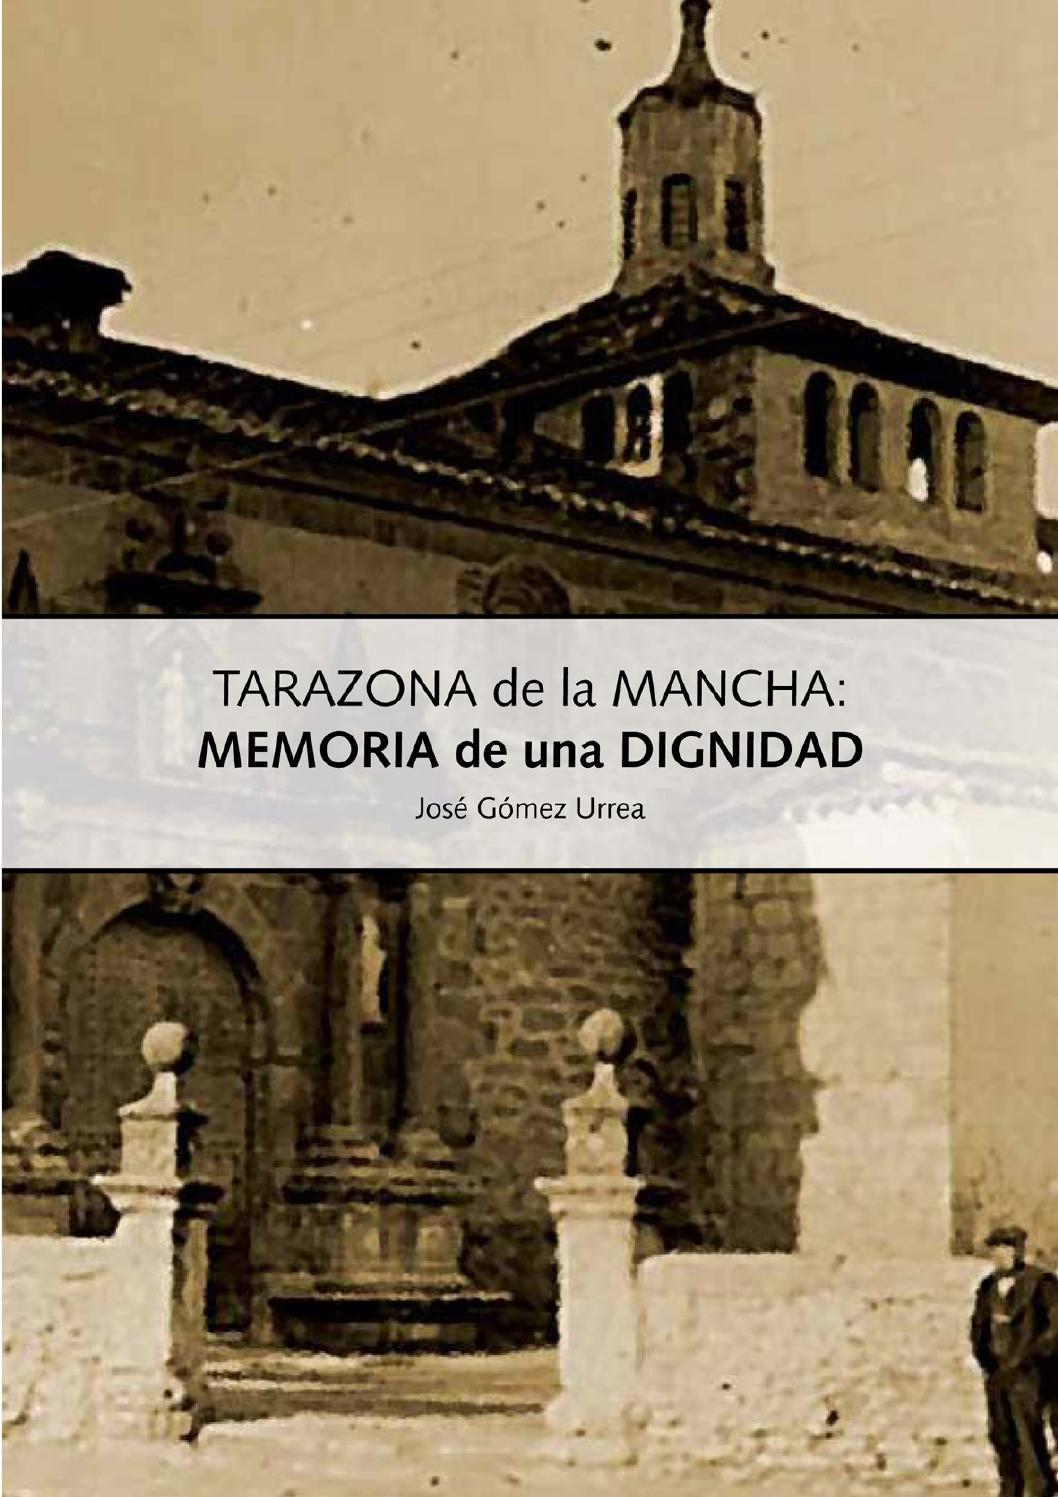 Tarazona De La Mancha Memoria De Una Dignidad By Jose Gomez Urrea  # Muebles Nohales Albacete